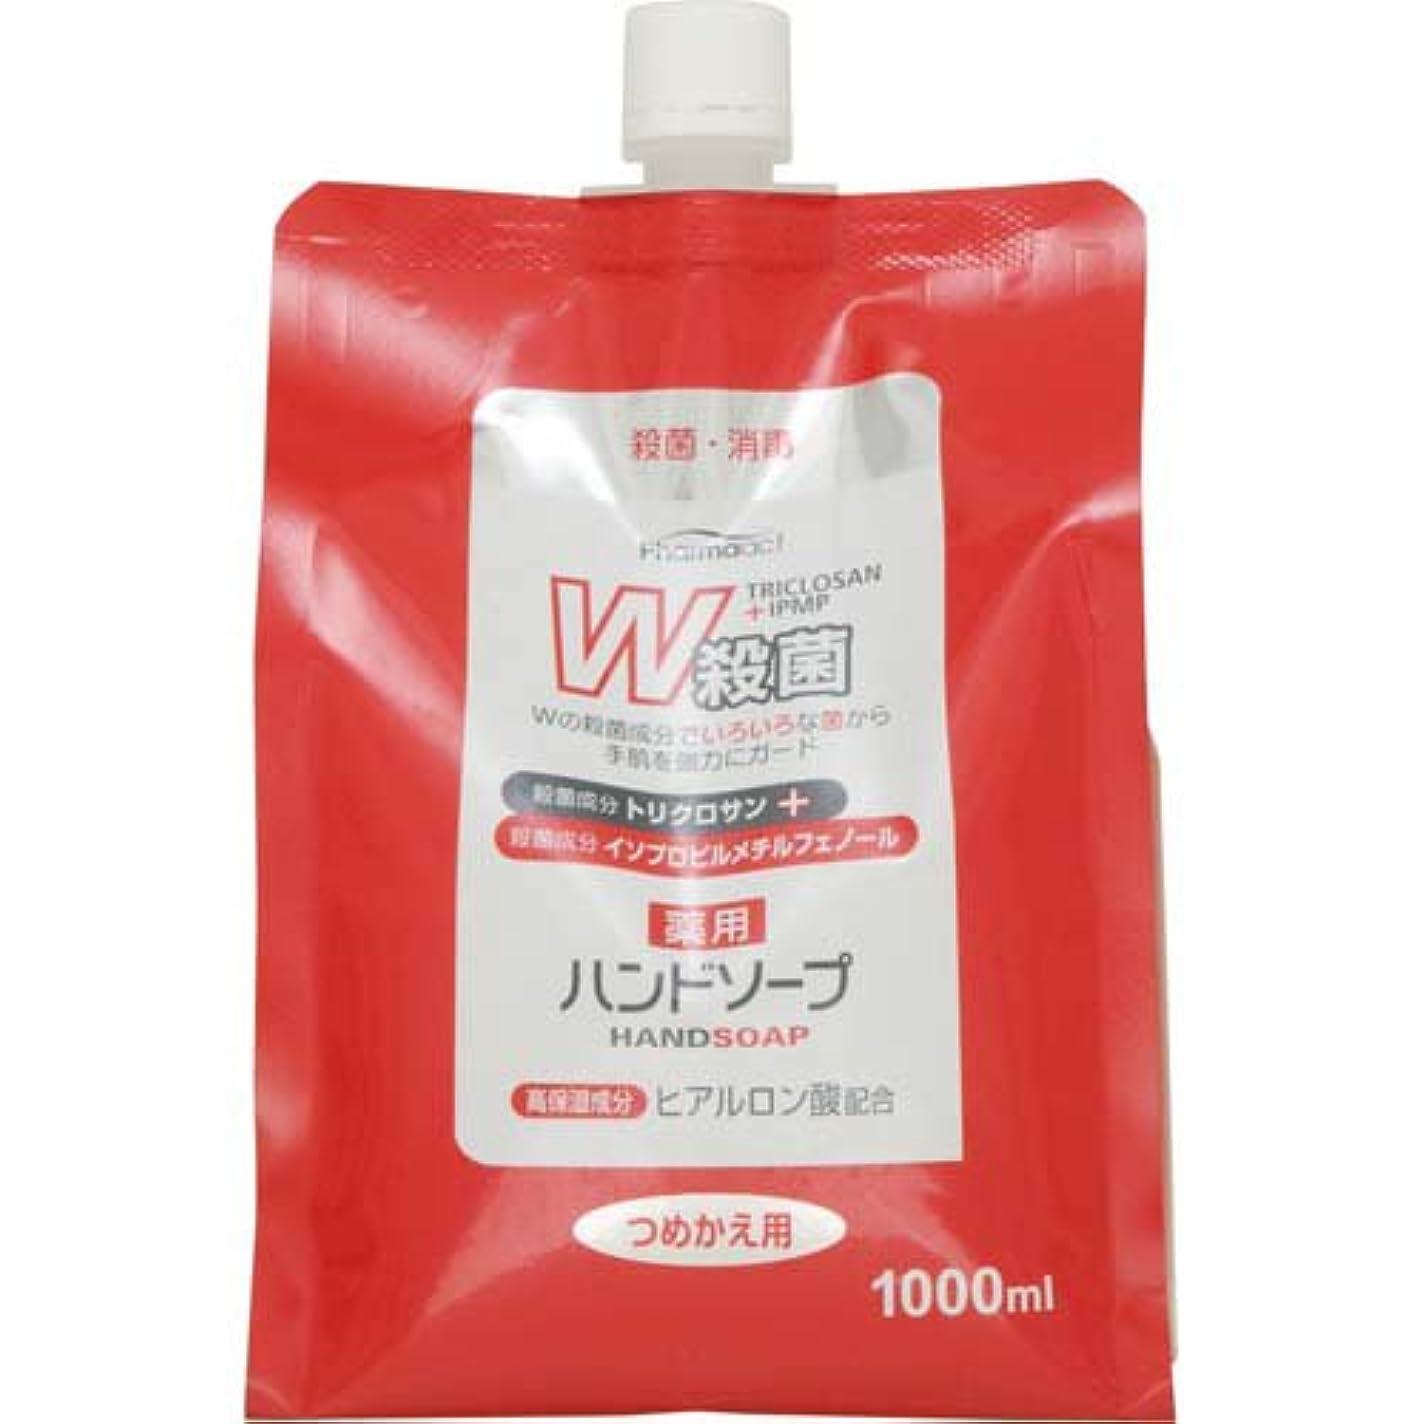 コストつぶやき端ファーマアクト W殺菌薬用ハンドソープ スパウト付き詰替 1000ml